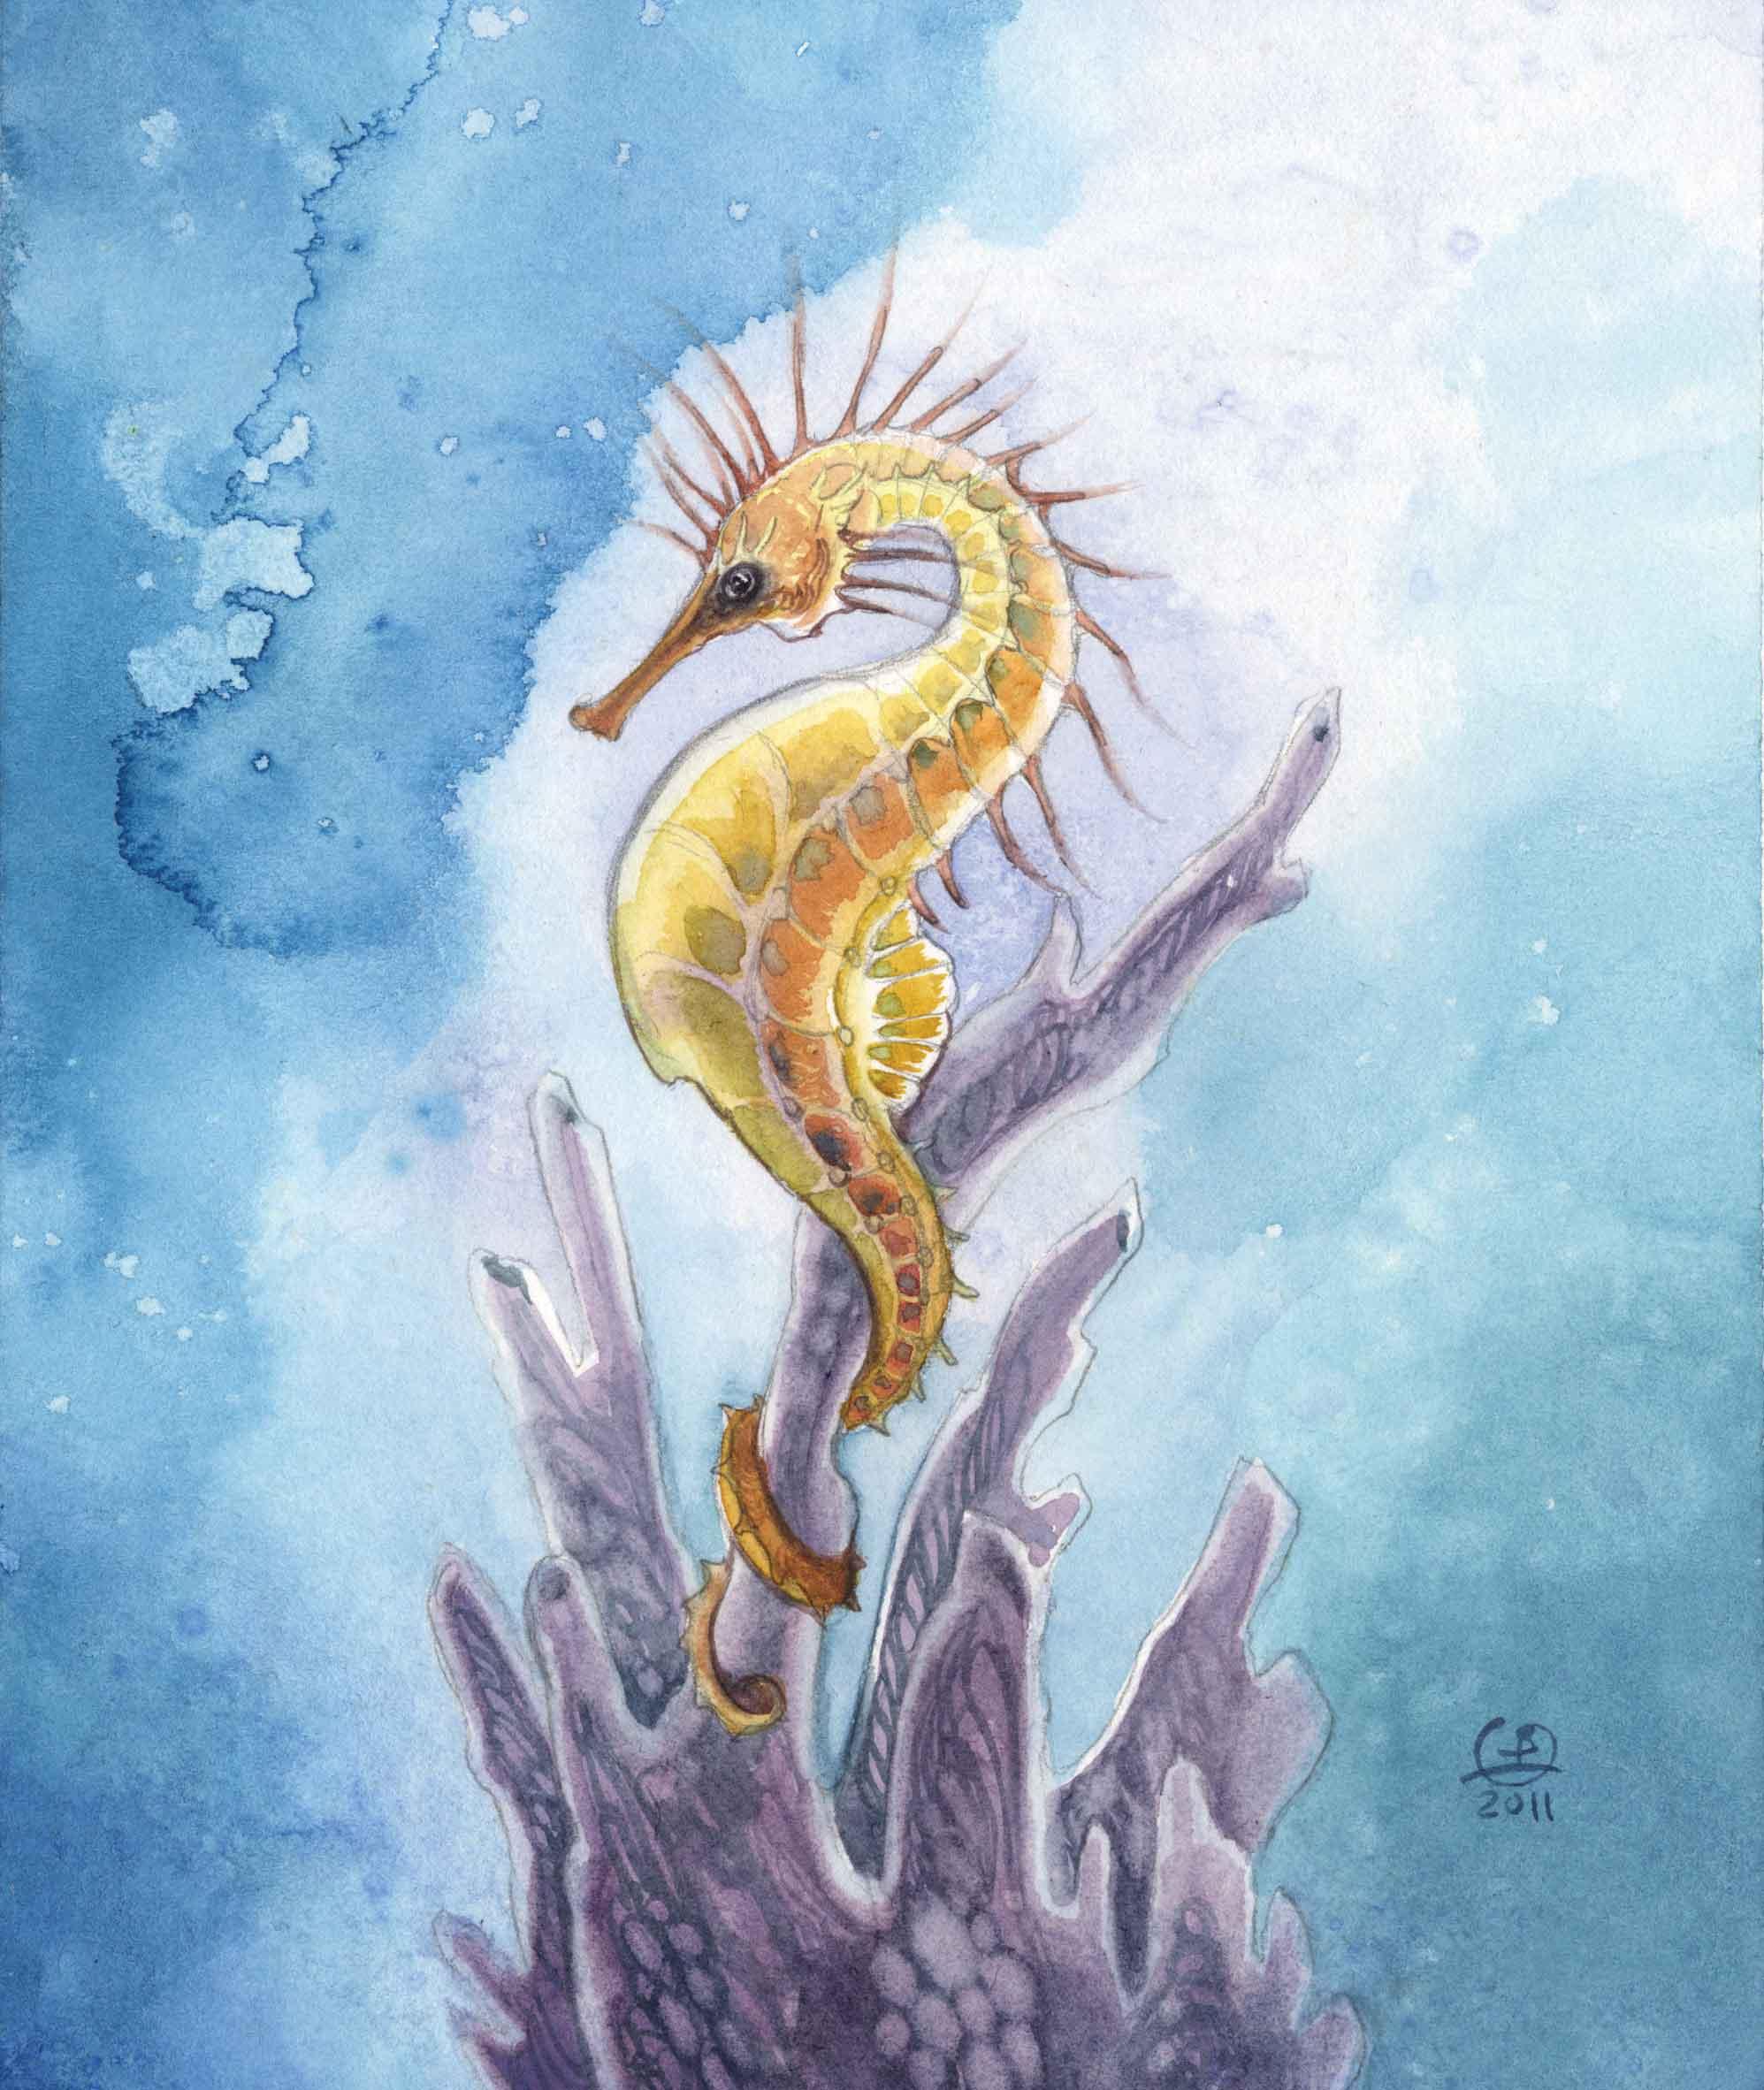 Drawn seahorse watercolor Fantasy Seahorse Create Creatures Fantasy